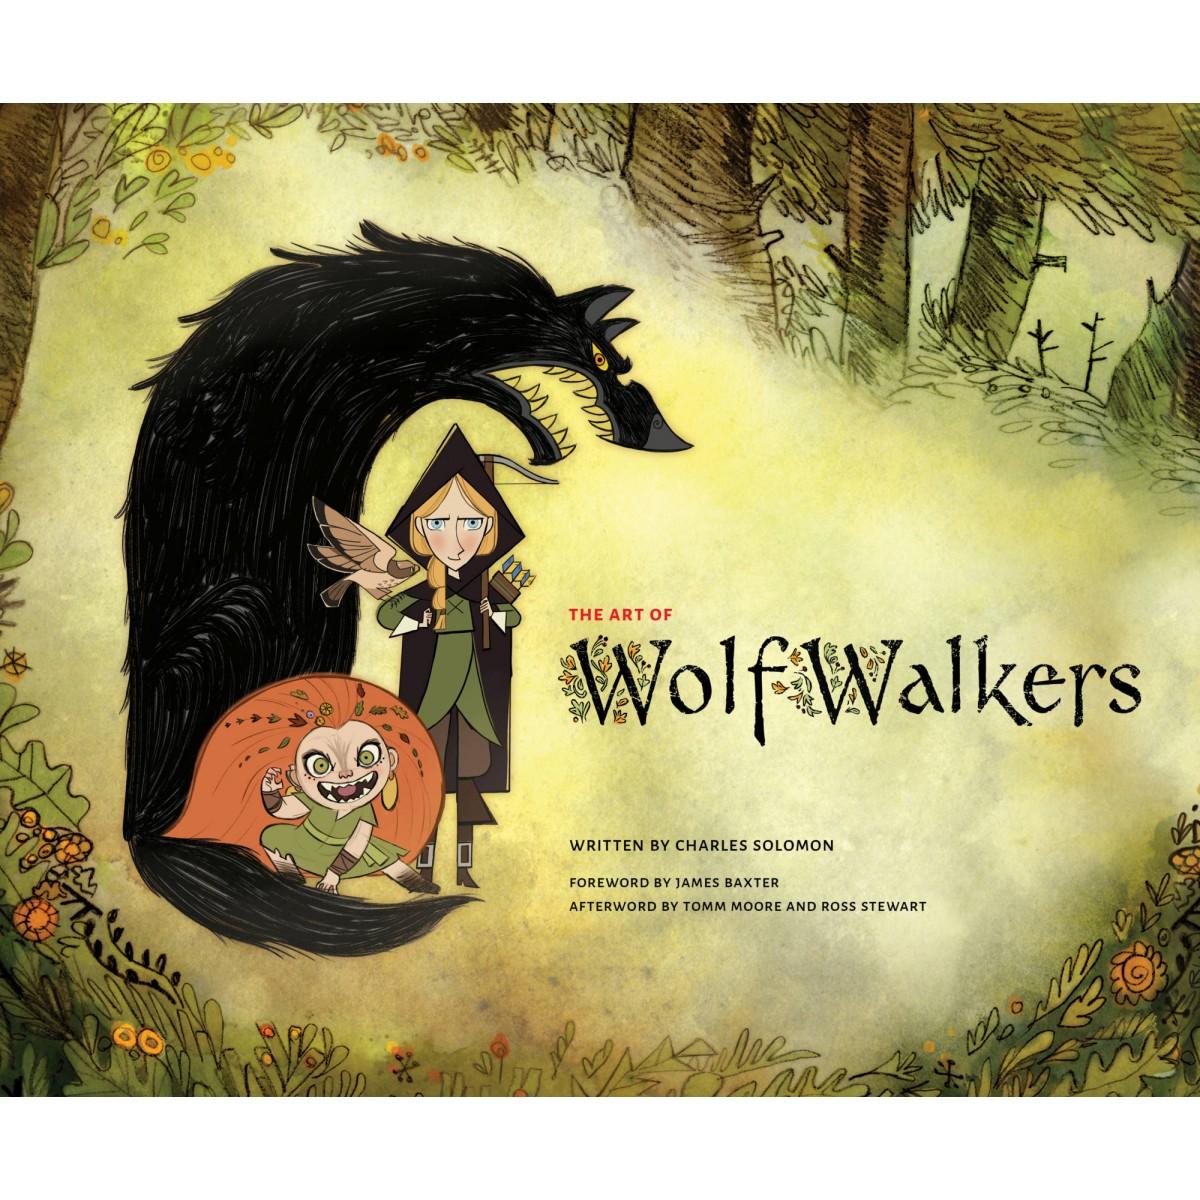 WolfWalkers artbook